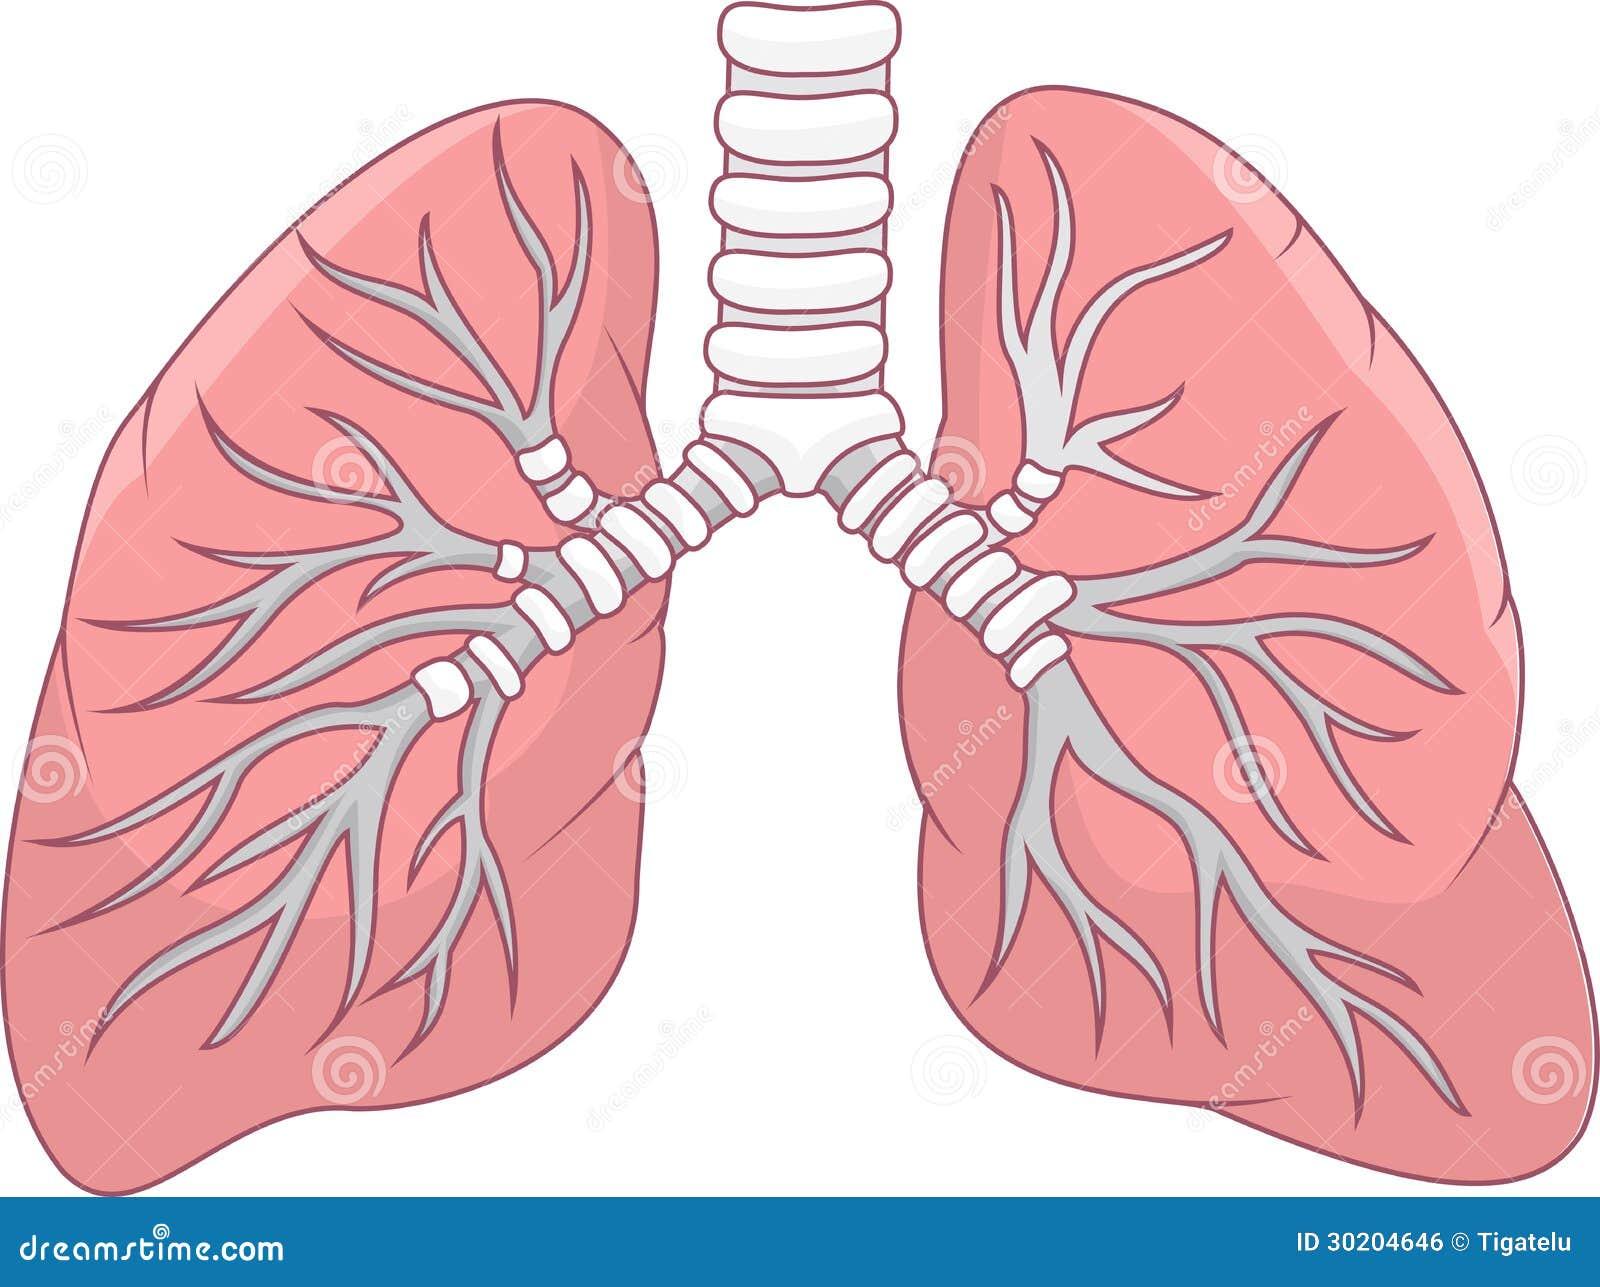 Menschliche Lunge vektor abbildung. Illustration von lungen - 30204646